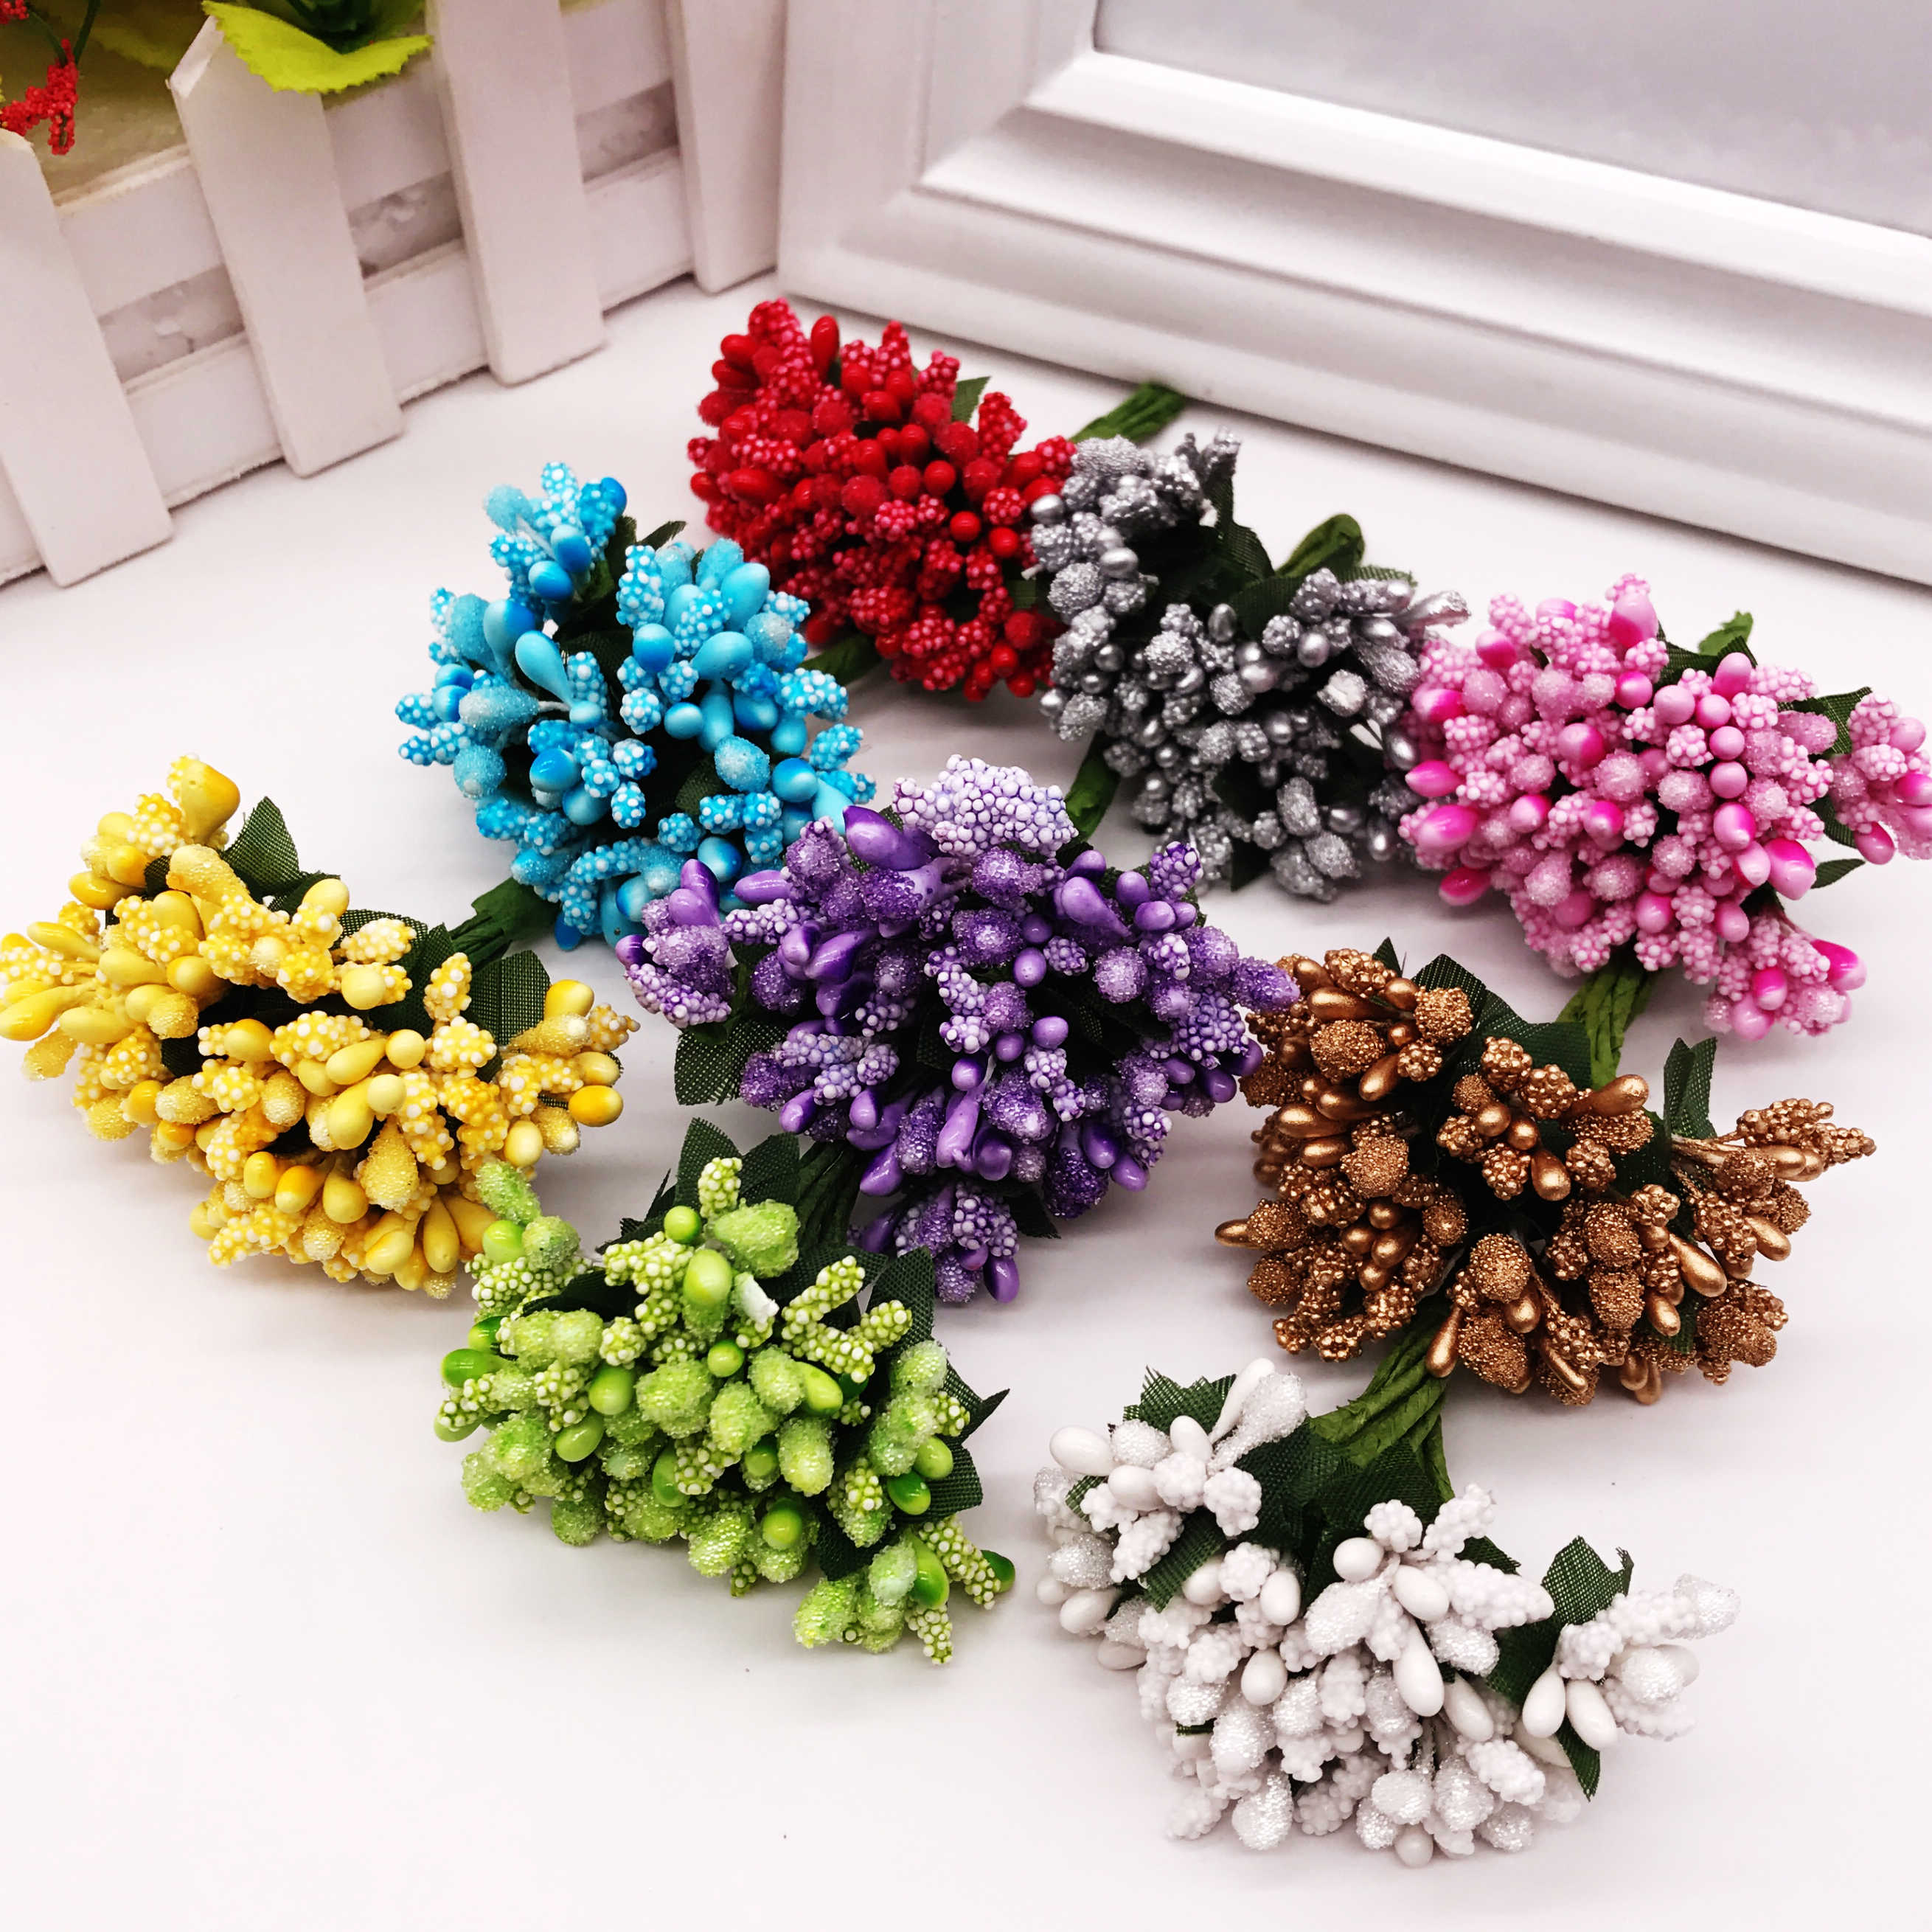 12 pçs/lote Estame Flor Artificial haste de arame/casamento deixa estame DIY caixa de coroa de flores de casamento decoração